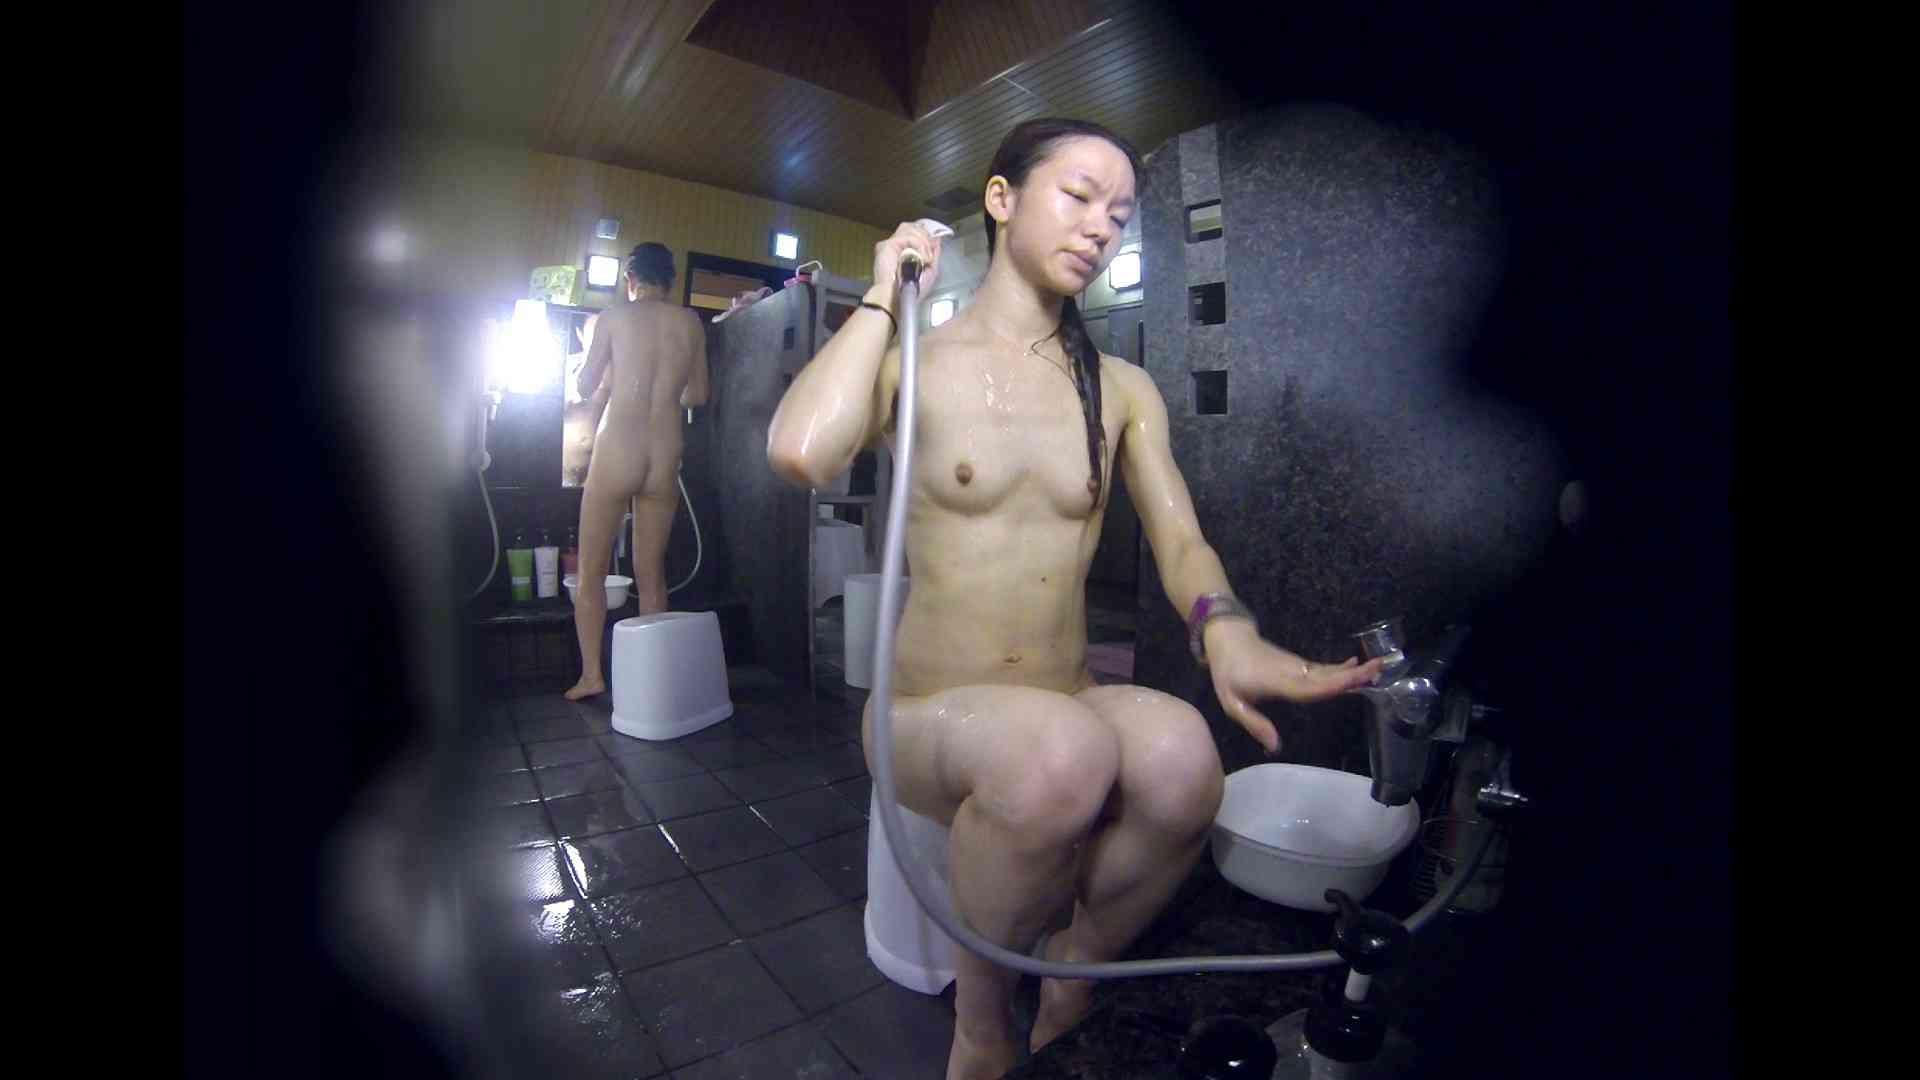 洗い場!可愛い?ブサイク?確かなのは貧乳であること 女湯 セックス画像 61画像 15